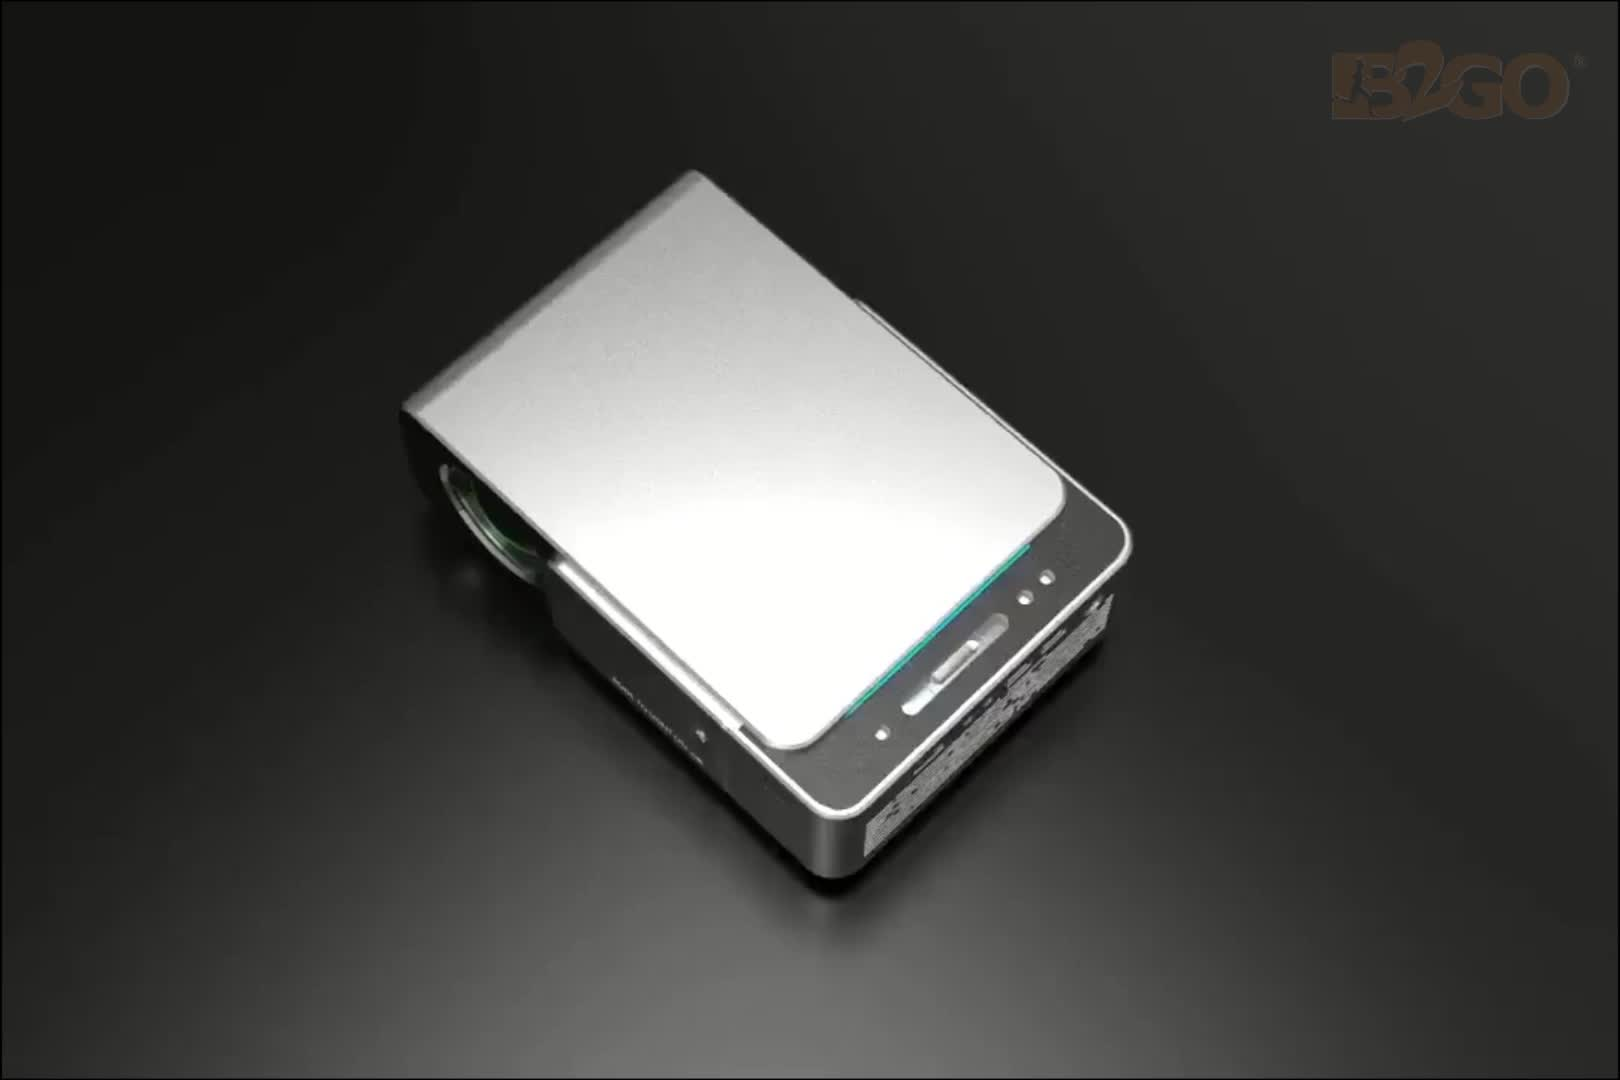 شاشة عرض LCD 170 لومن 800 بوصة بدقة * ثلاثية الأبعاد, جهاز عرض Led قصير 4k